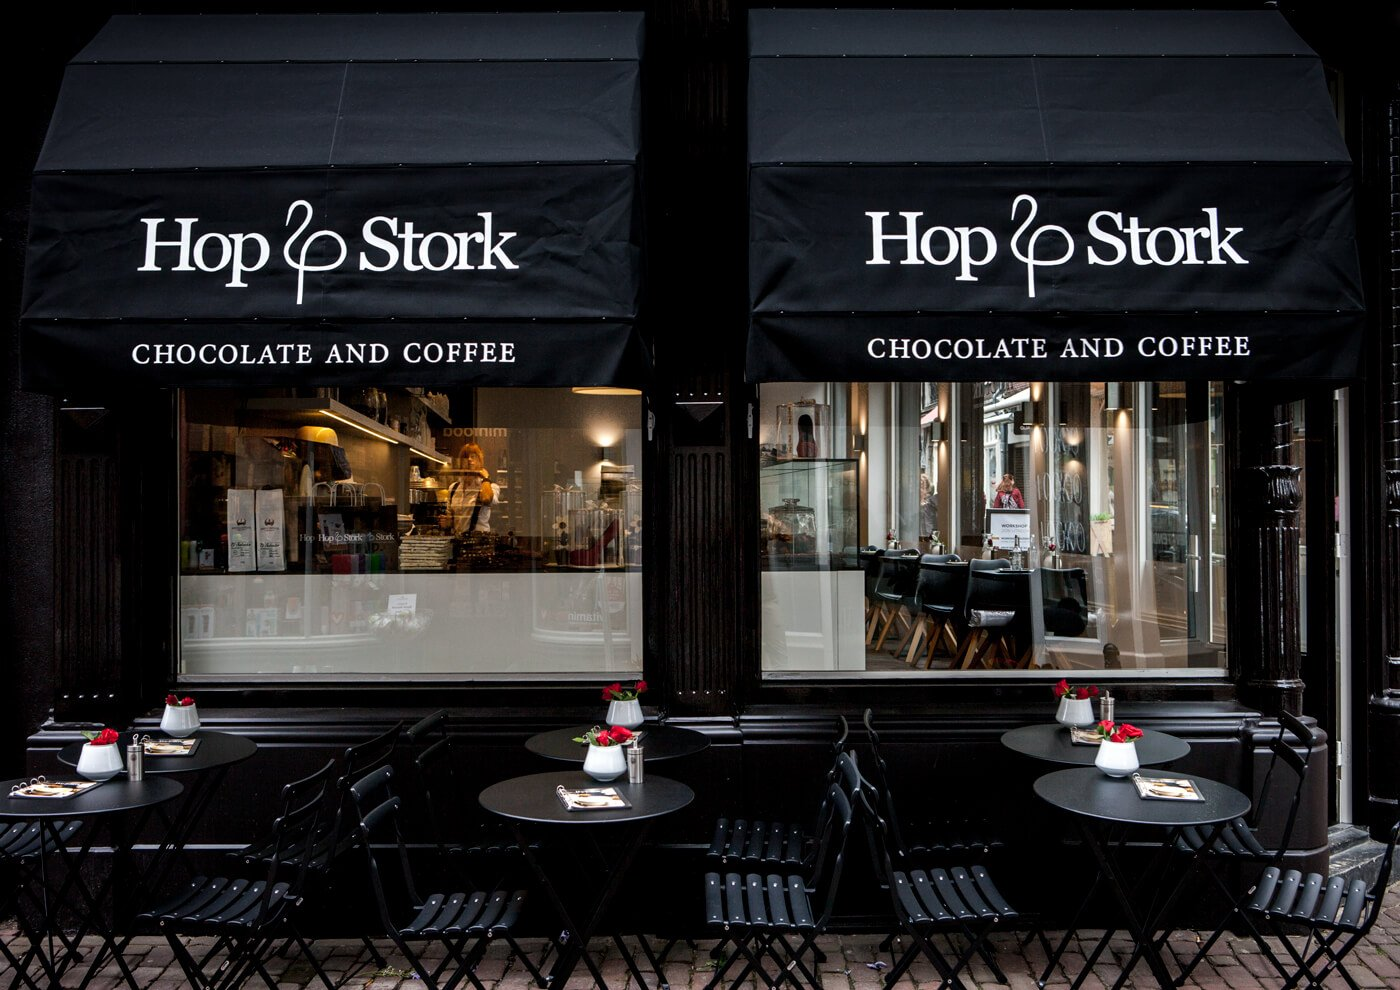 Hop & Stork Utrecht Den Haag Koffie Chocolate Bedrijfsreportage Productfotografie